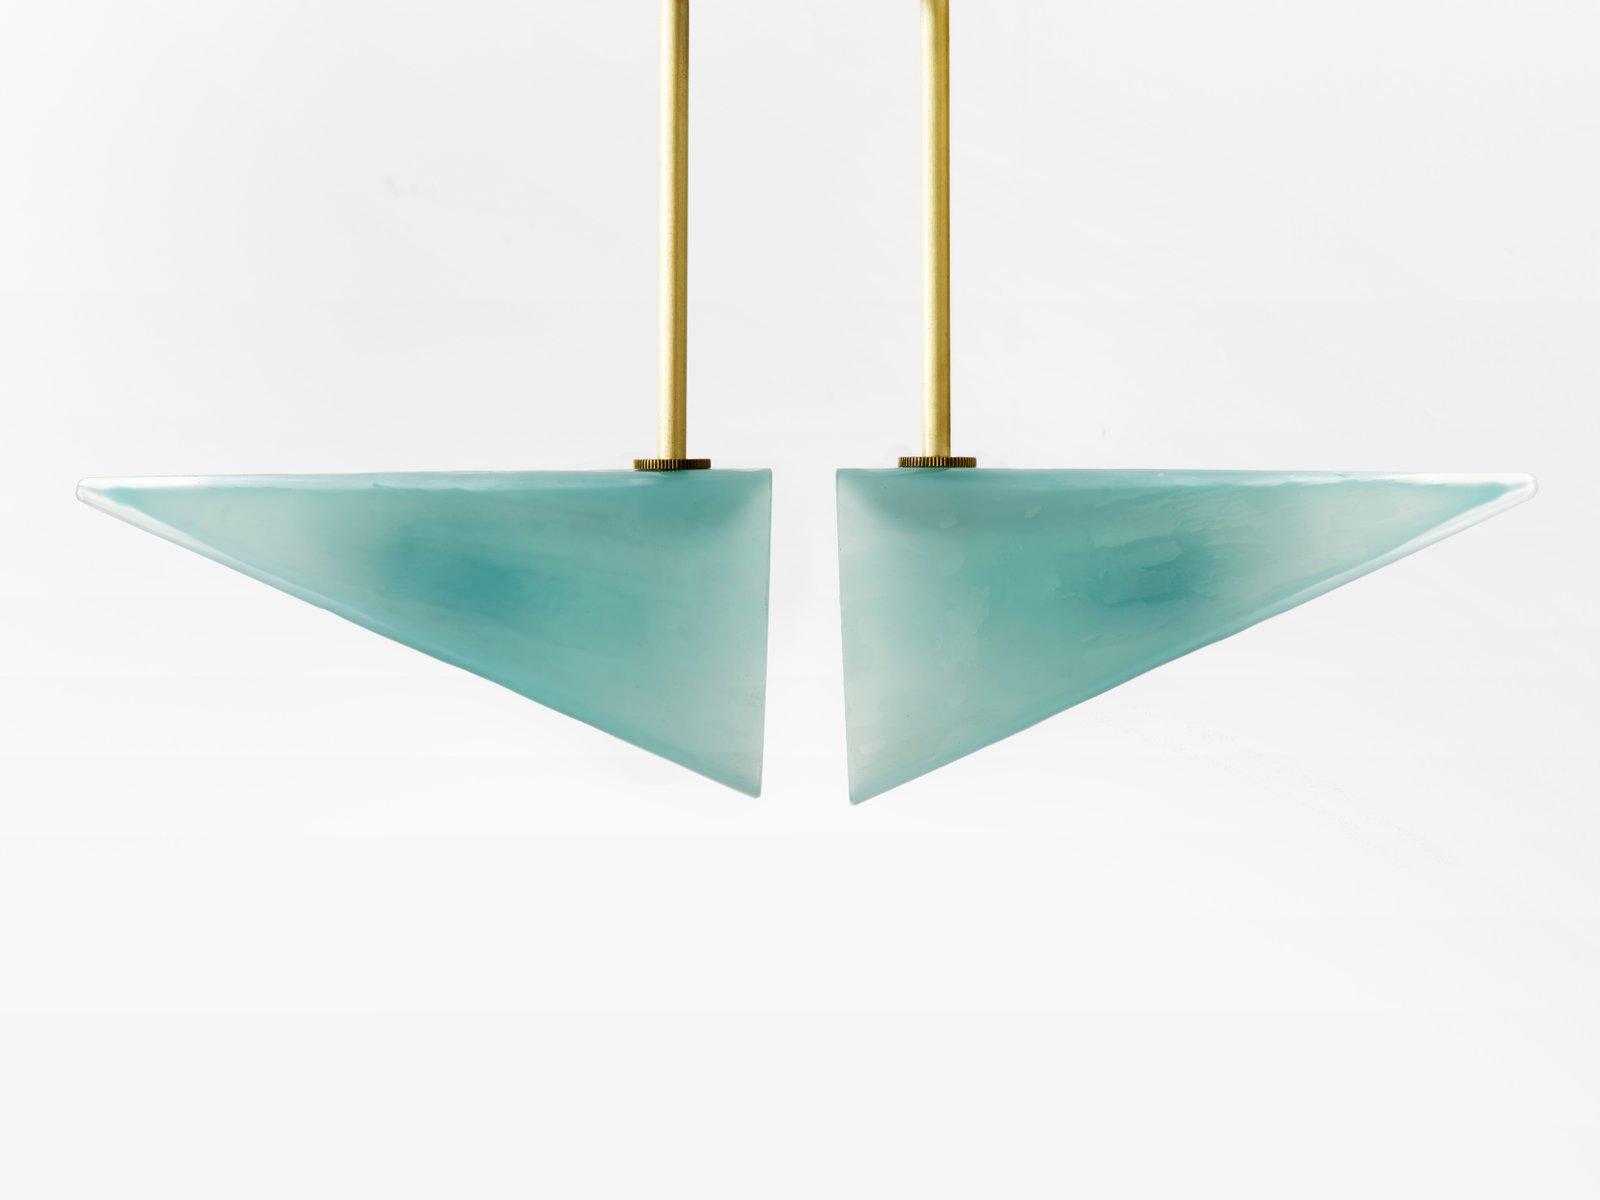 Equinox Hängelampe von Anthony Bianco für Bianco Light & Space